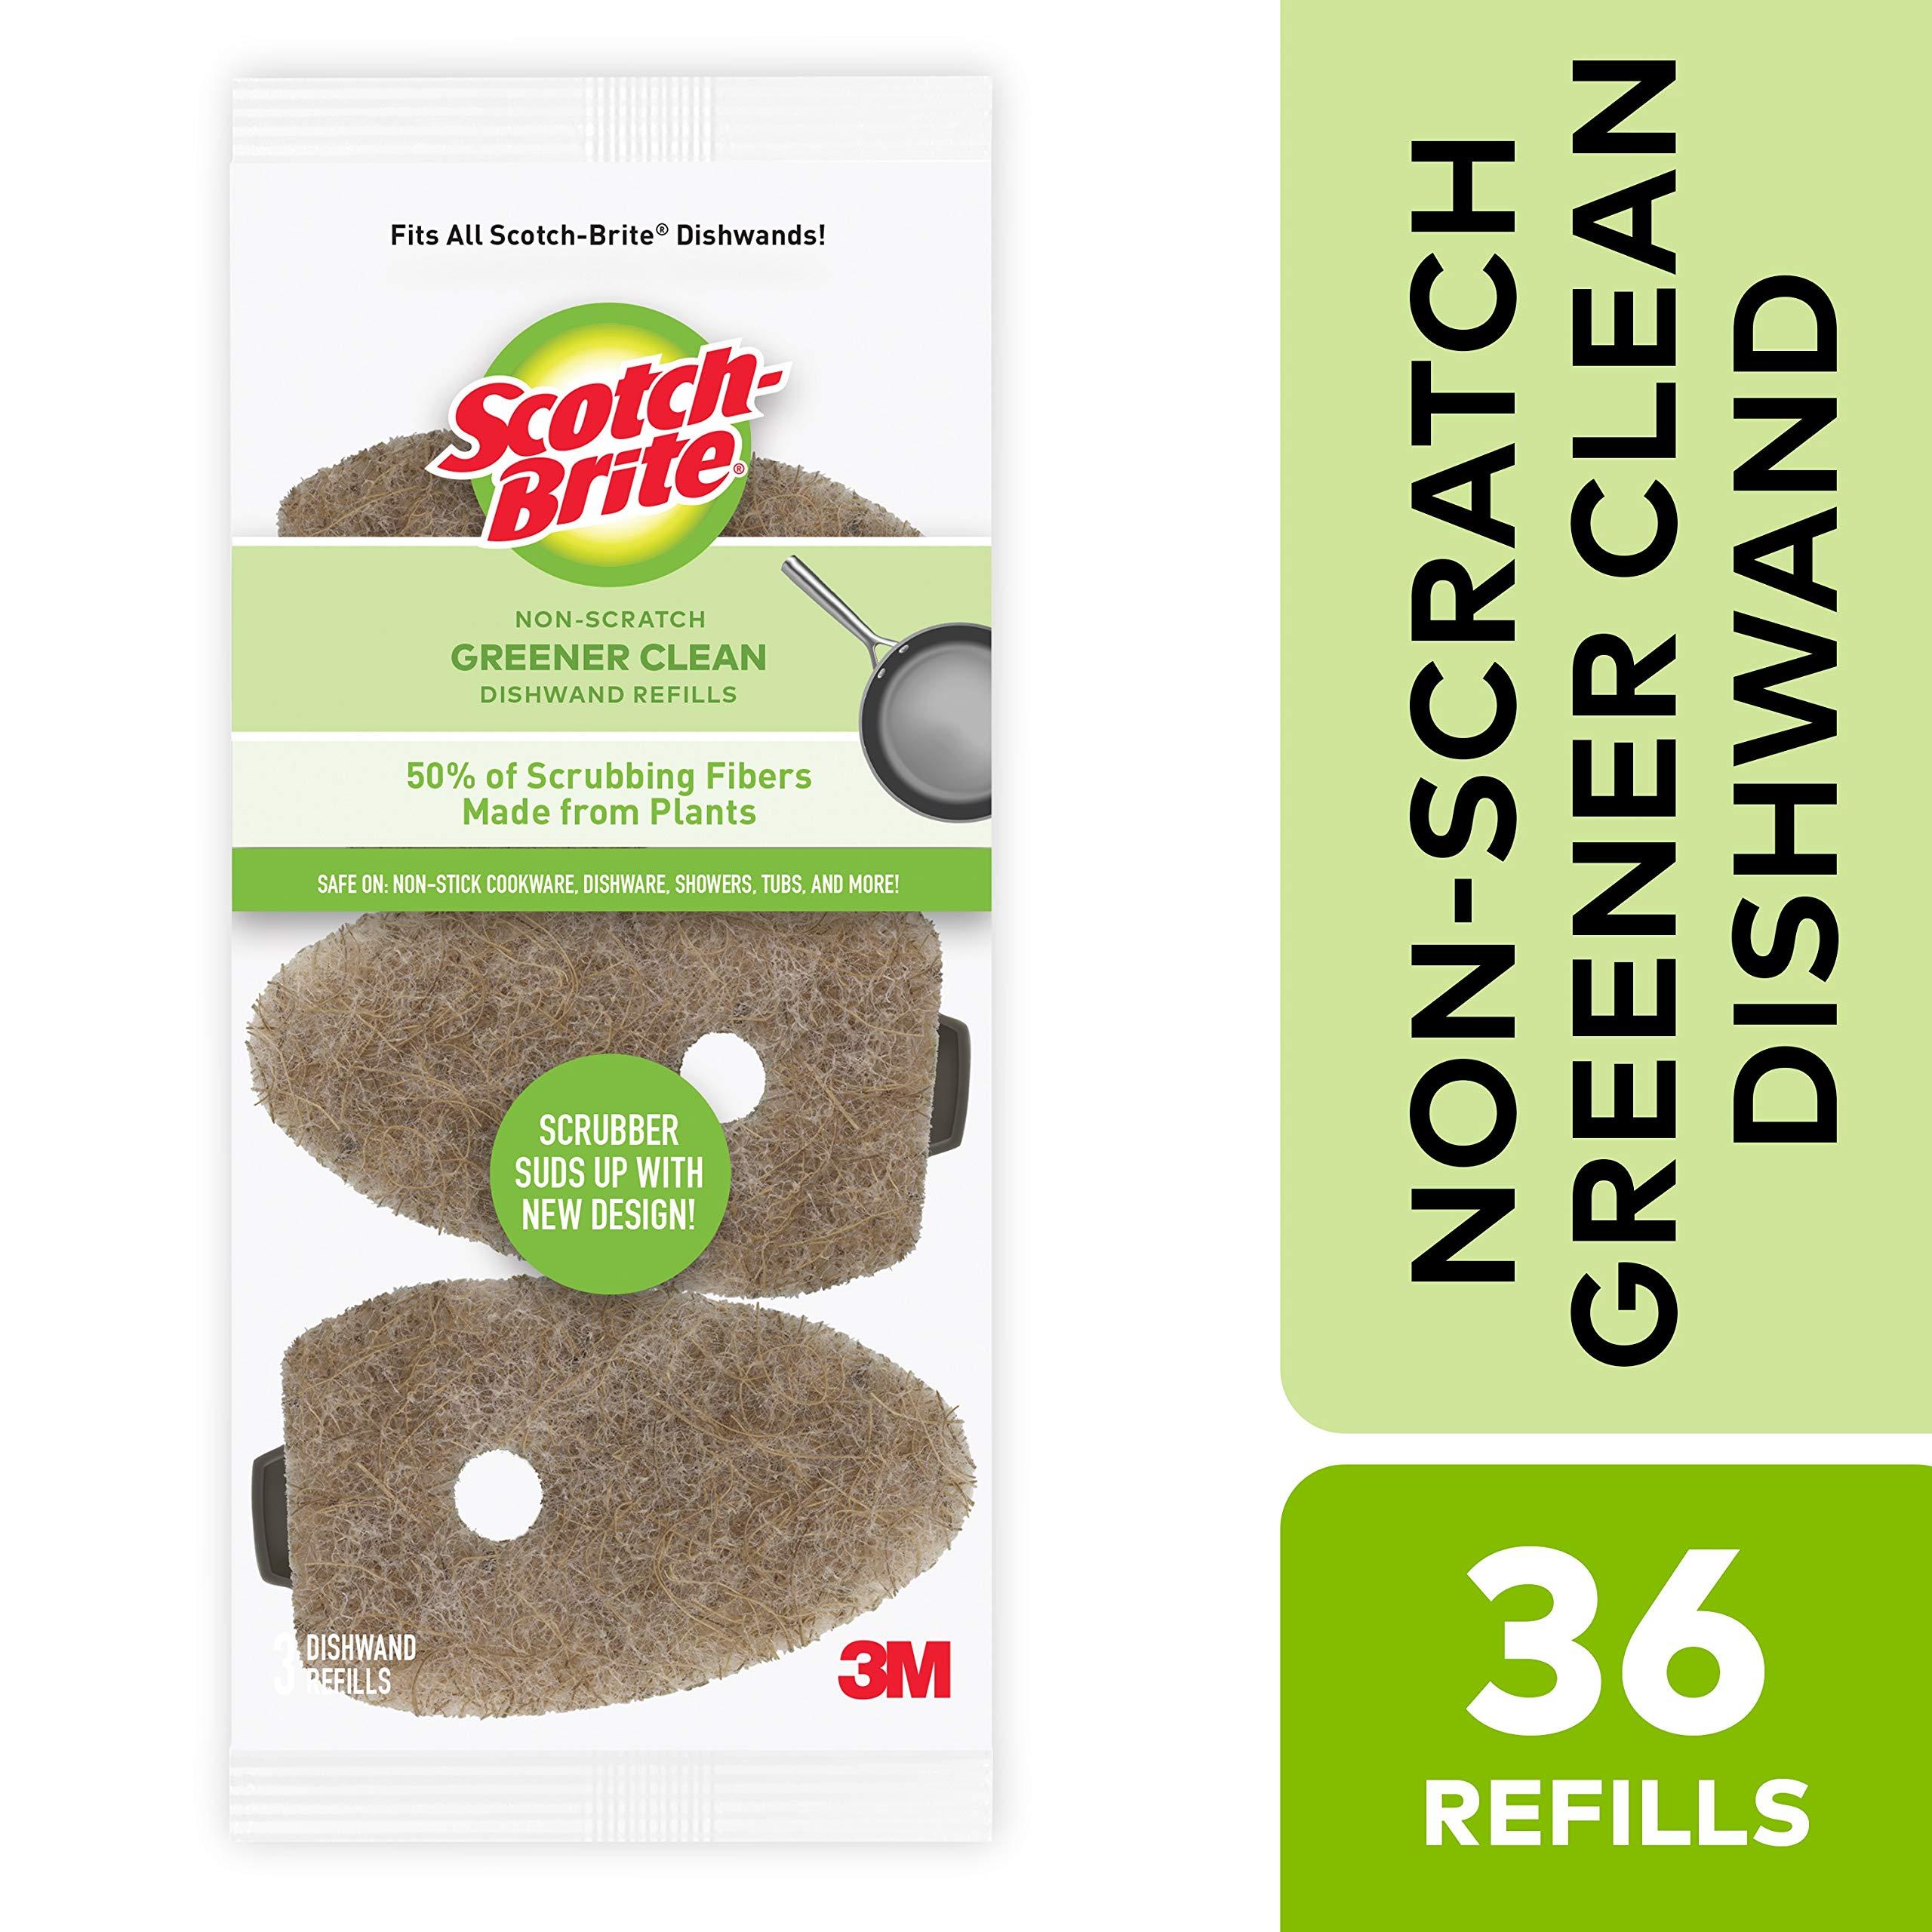 Scotch-Brite Greener Clean Dishwand Refills, 3-Refills/Pk, 12-Packs (36 Refills Total)